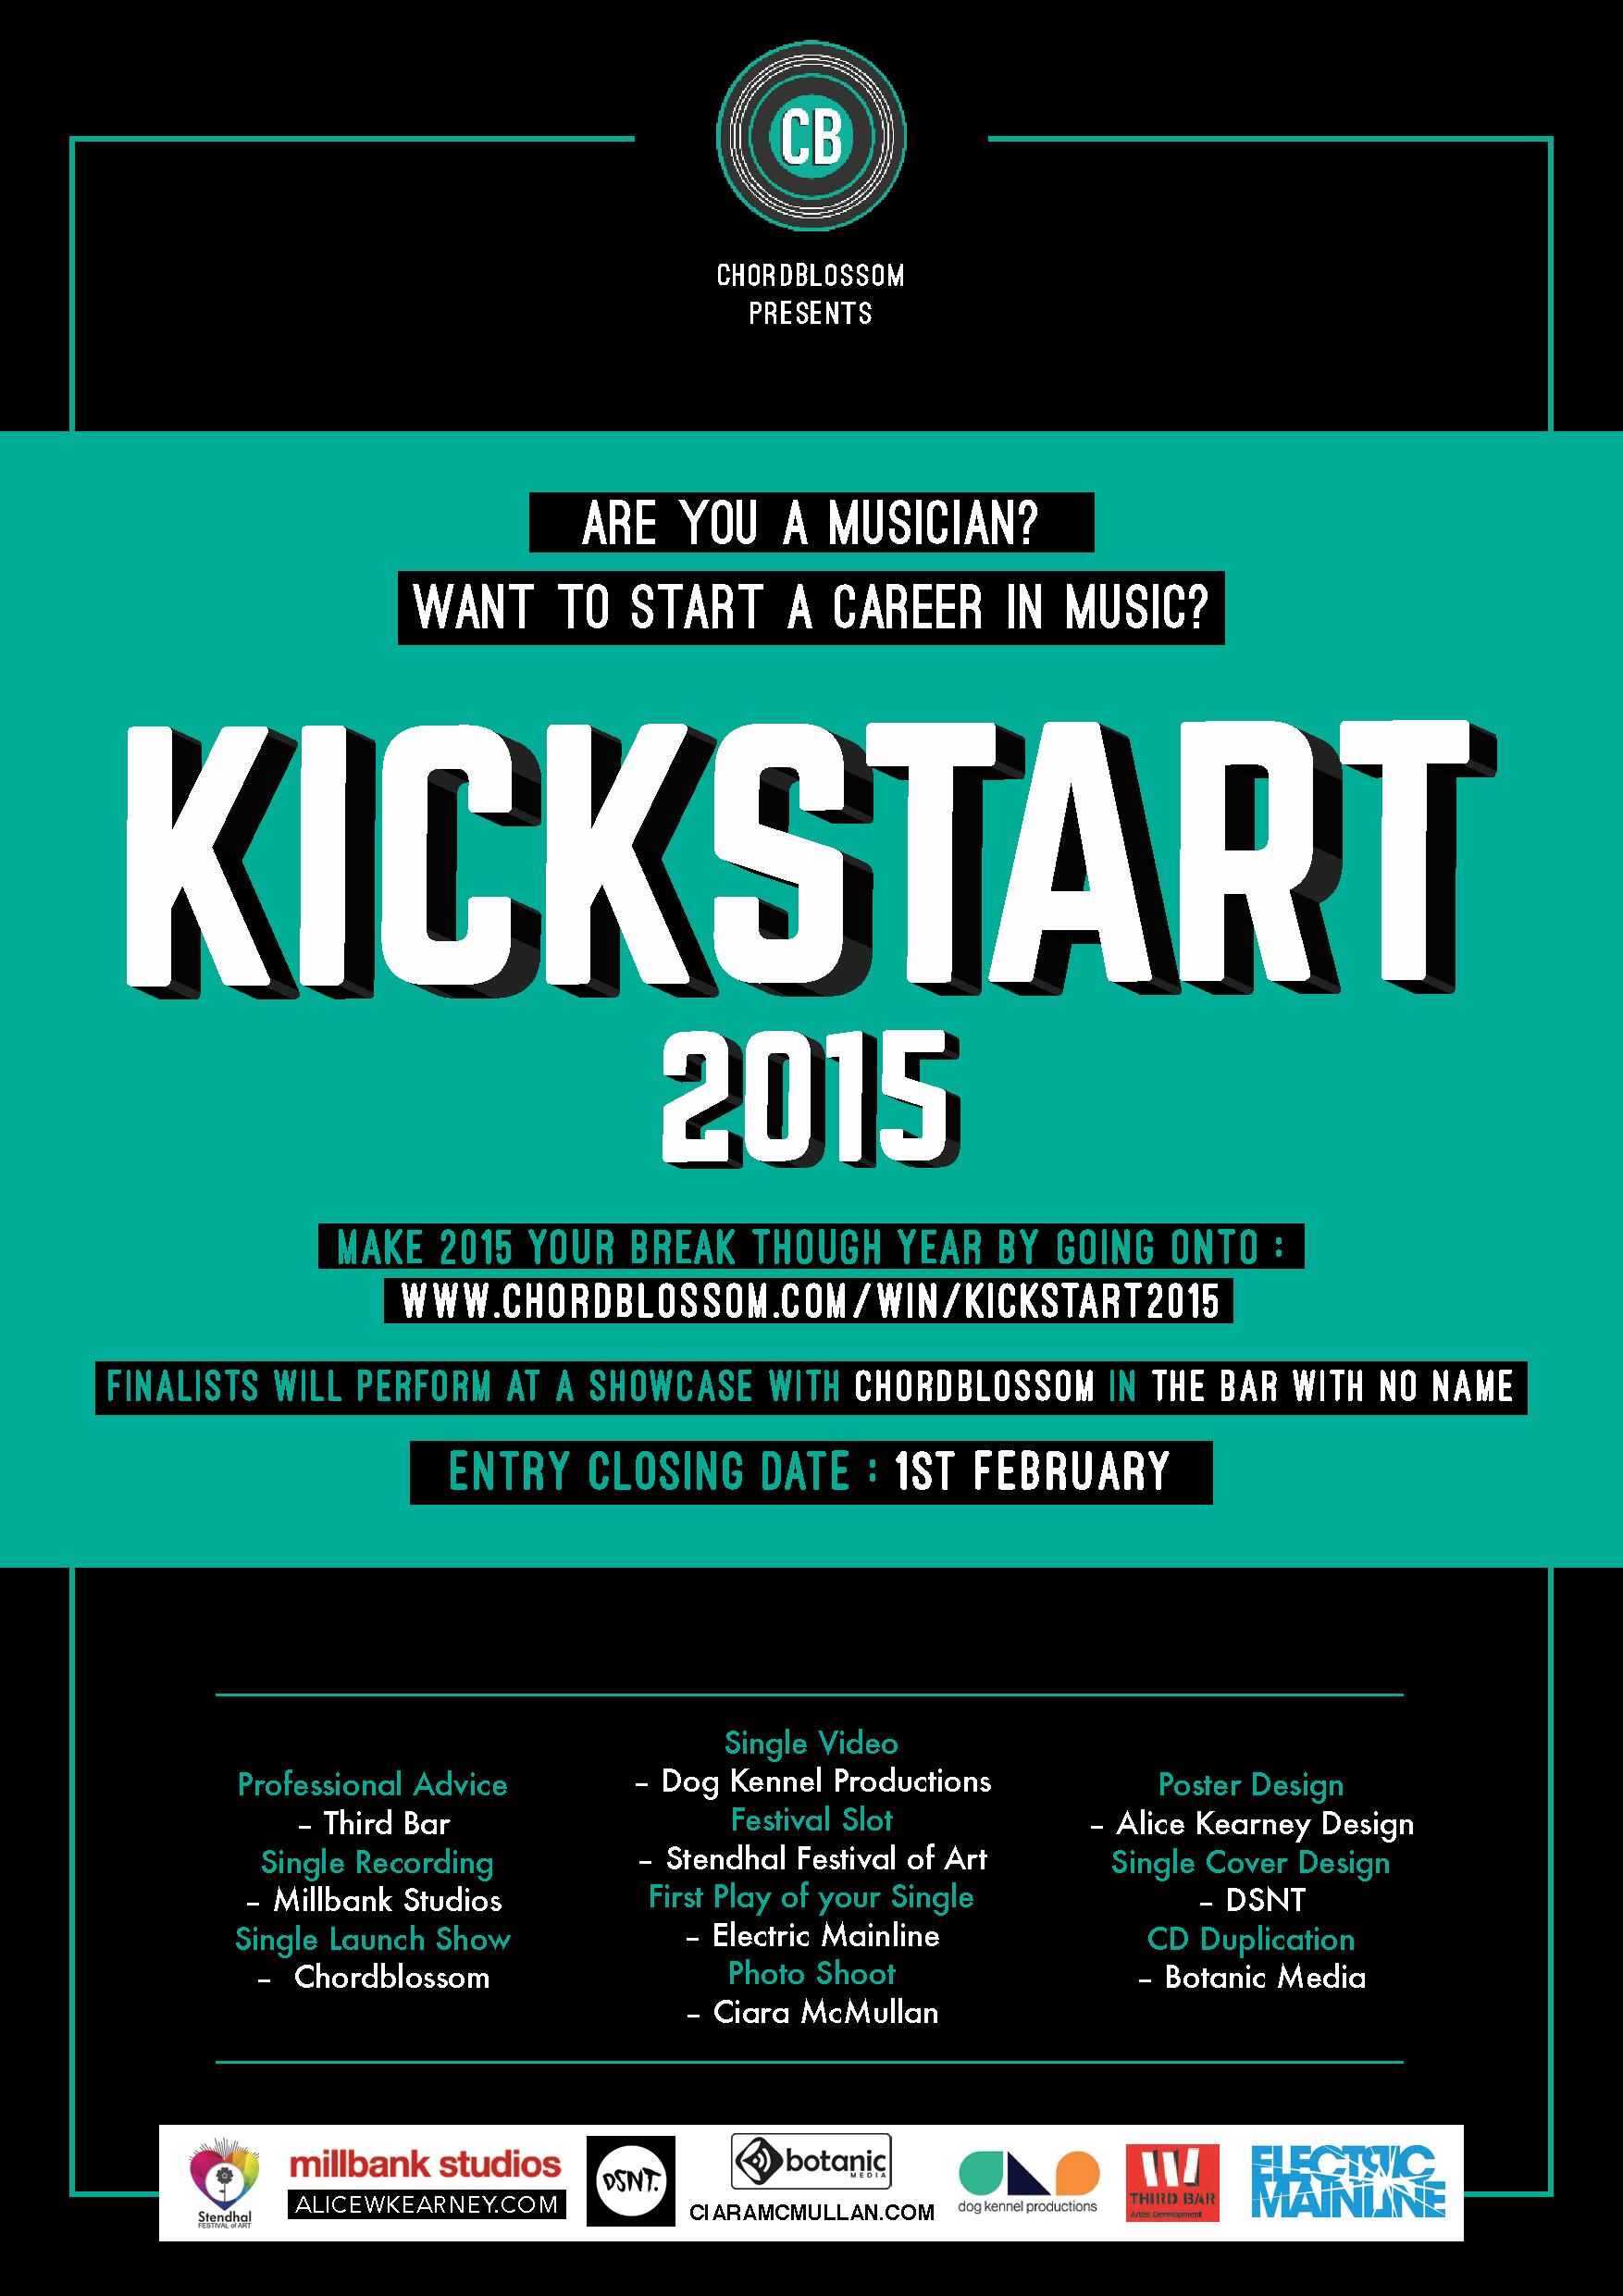 Chordblossom Kickstart 2015